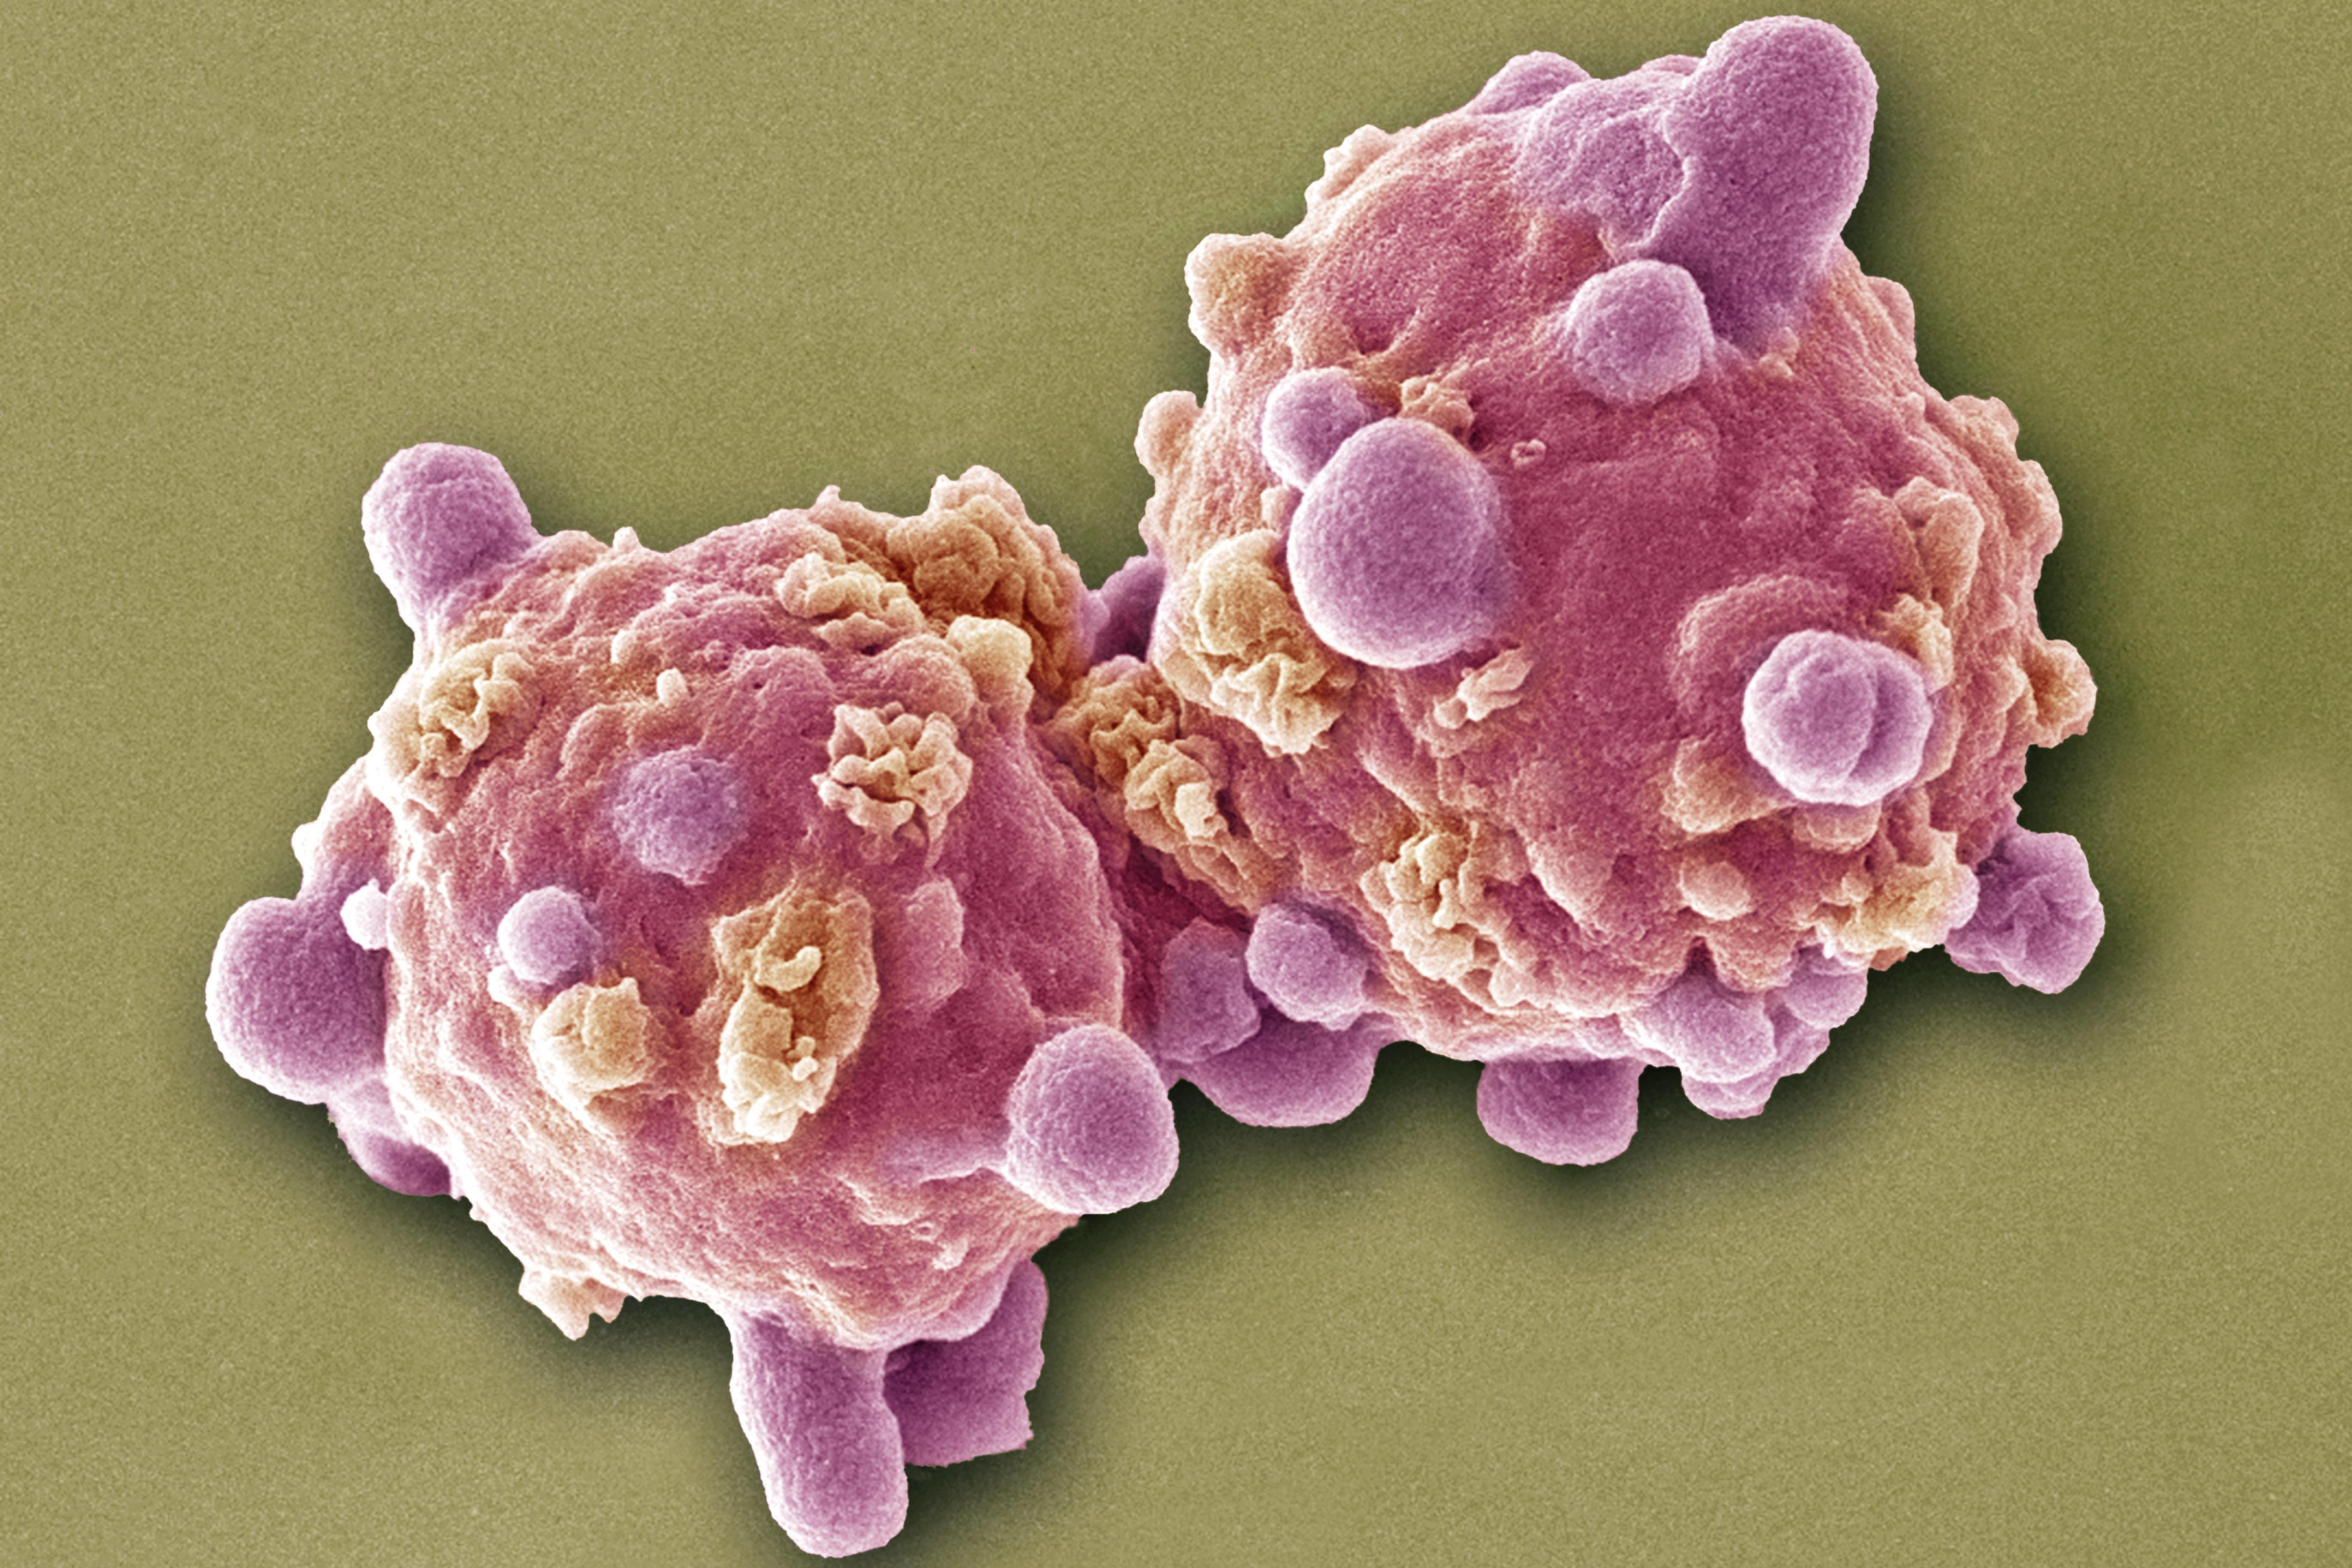 Intochicus parazita gyógyszeres kezelés milyen gyógyszereket kell használni a paraziták számára